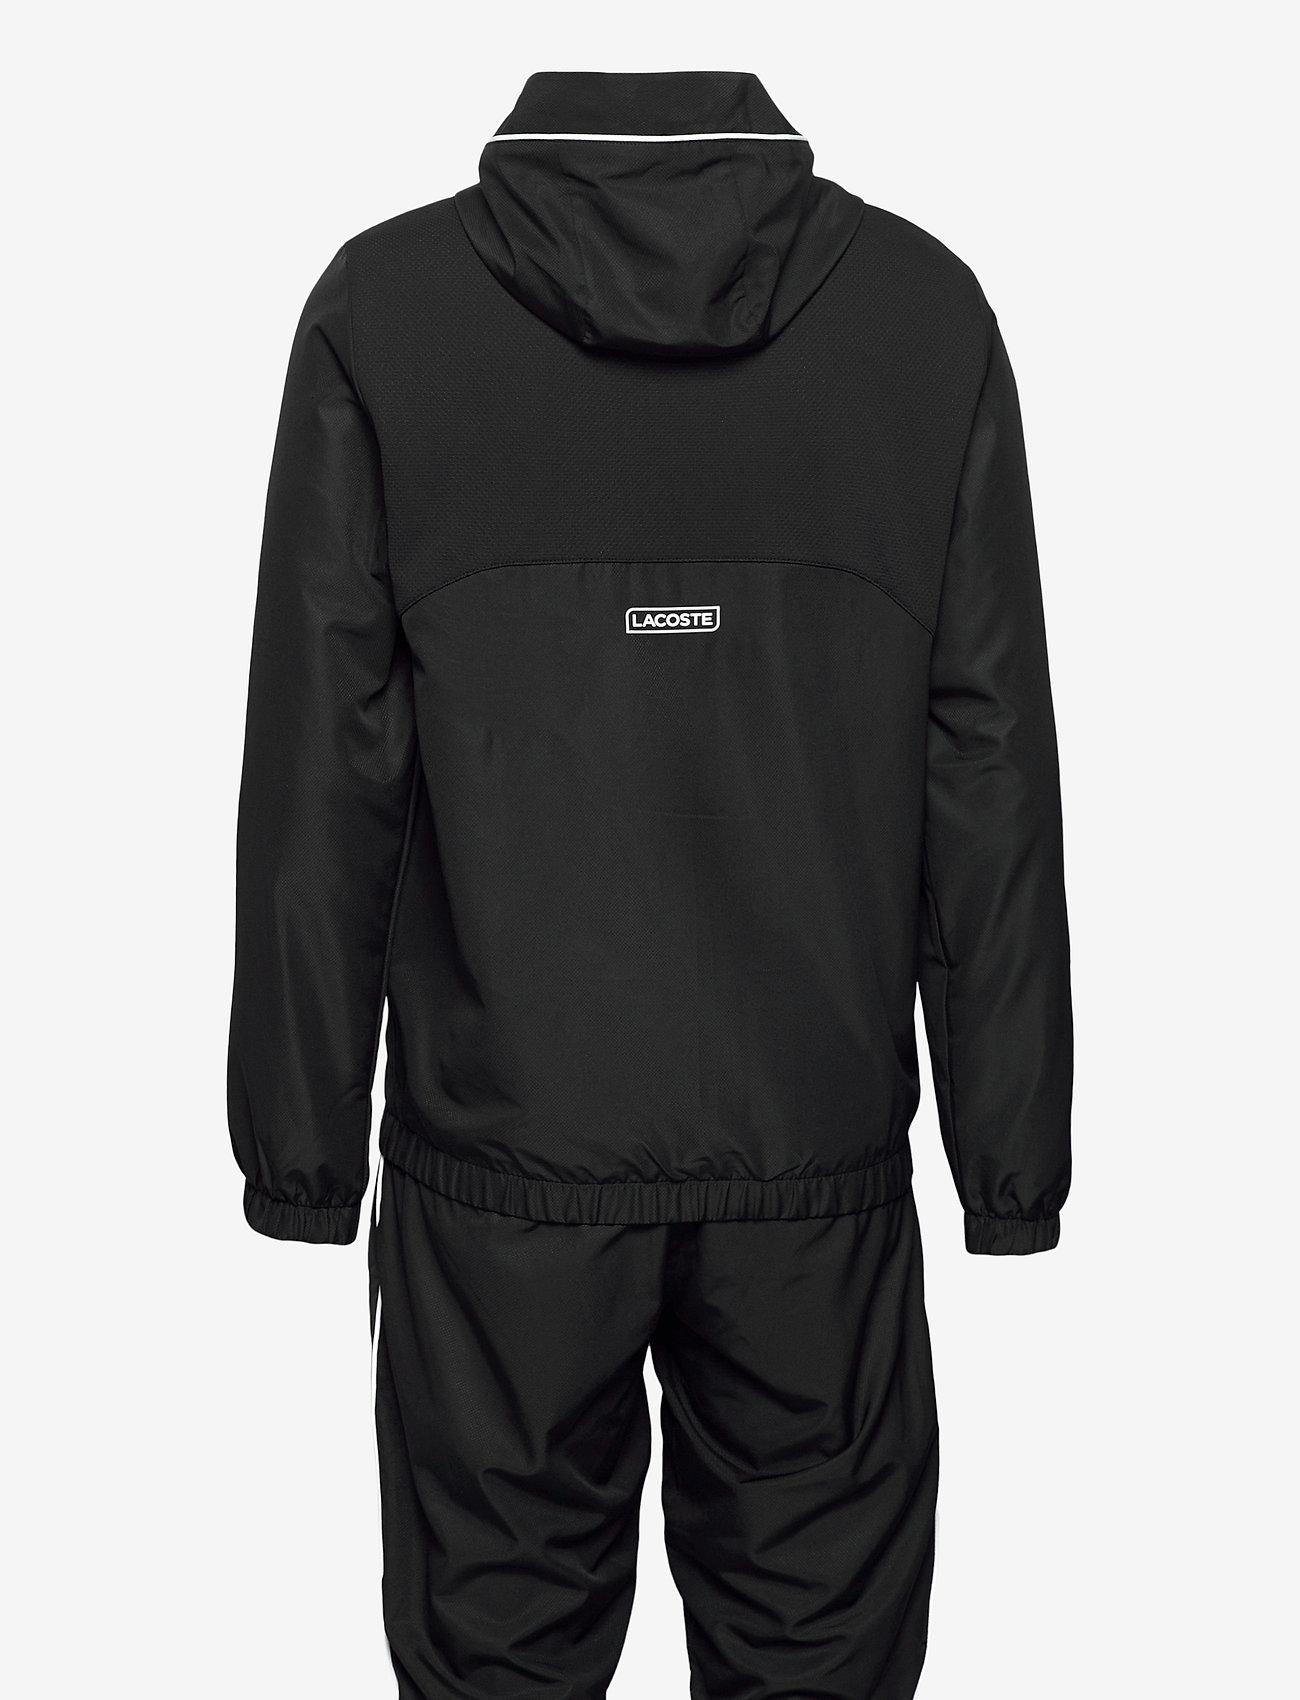 Lacoste - Men s tracksuit - træningsdragter - black/black-white-black - 1